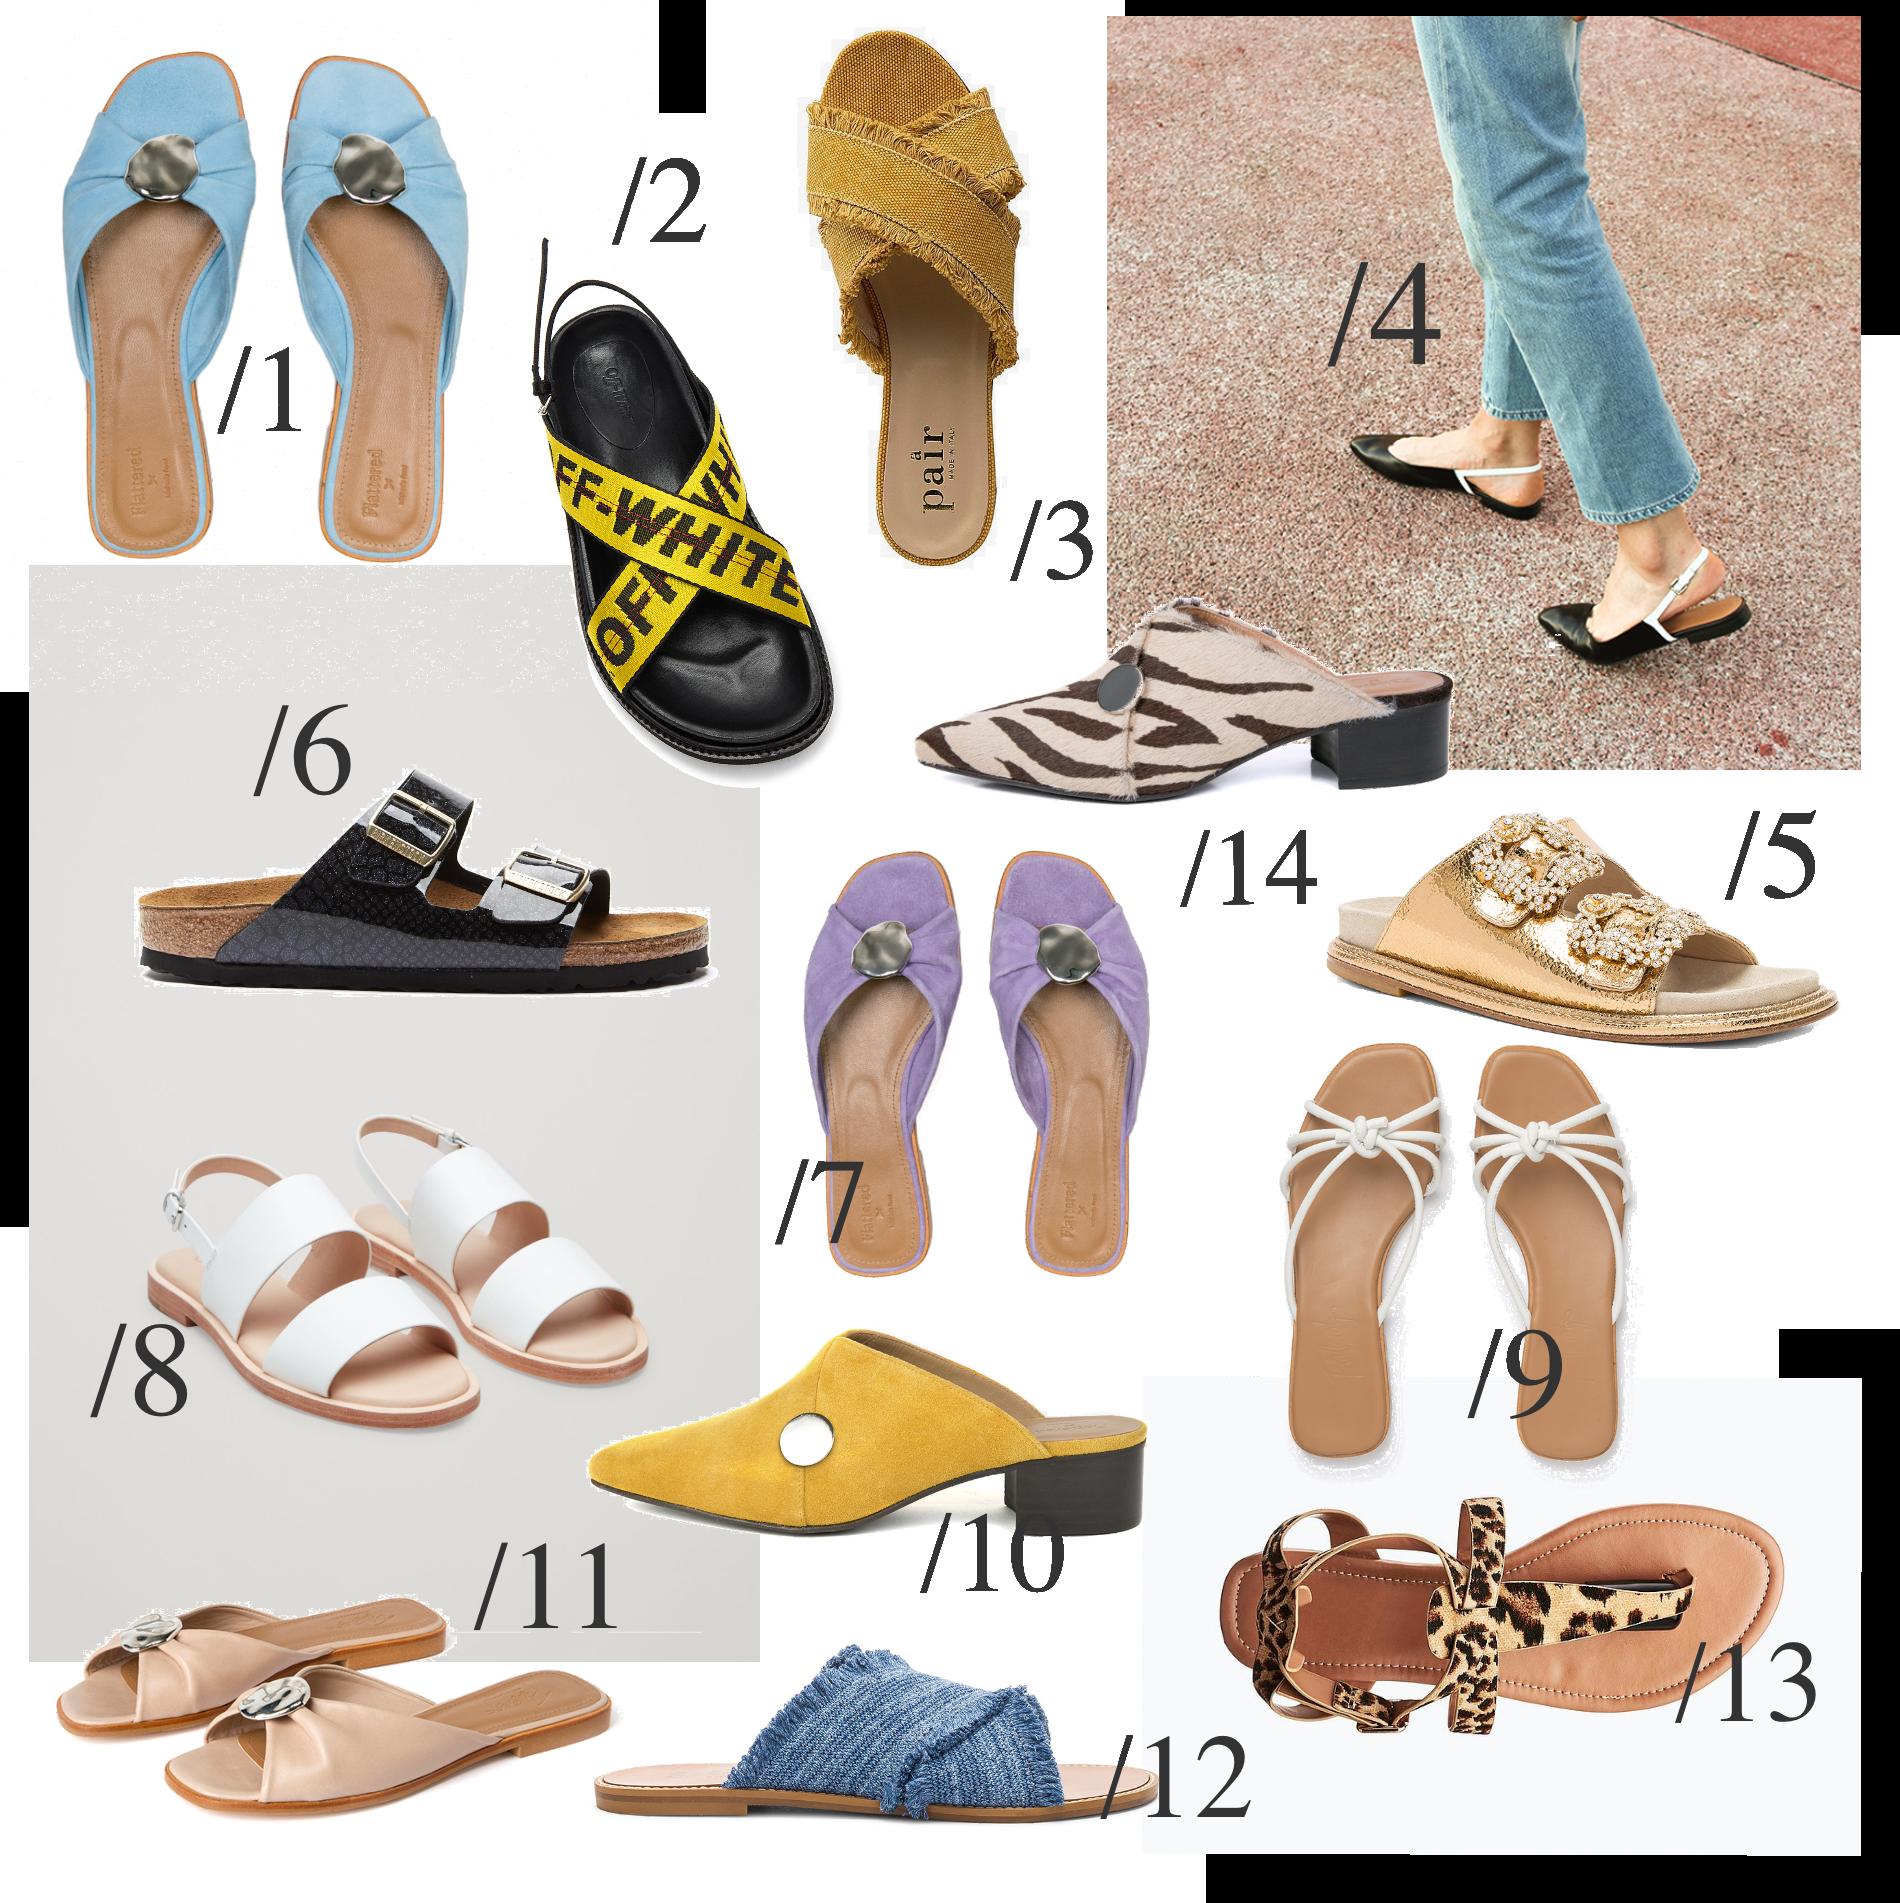 7dcee4a06a51 Sommer sandaler